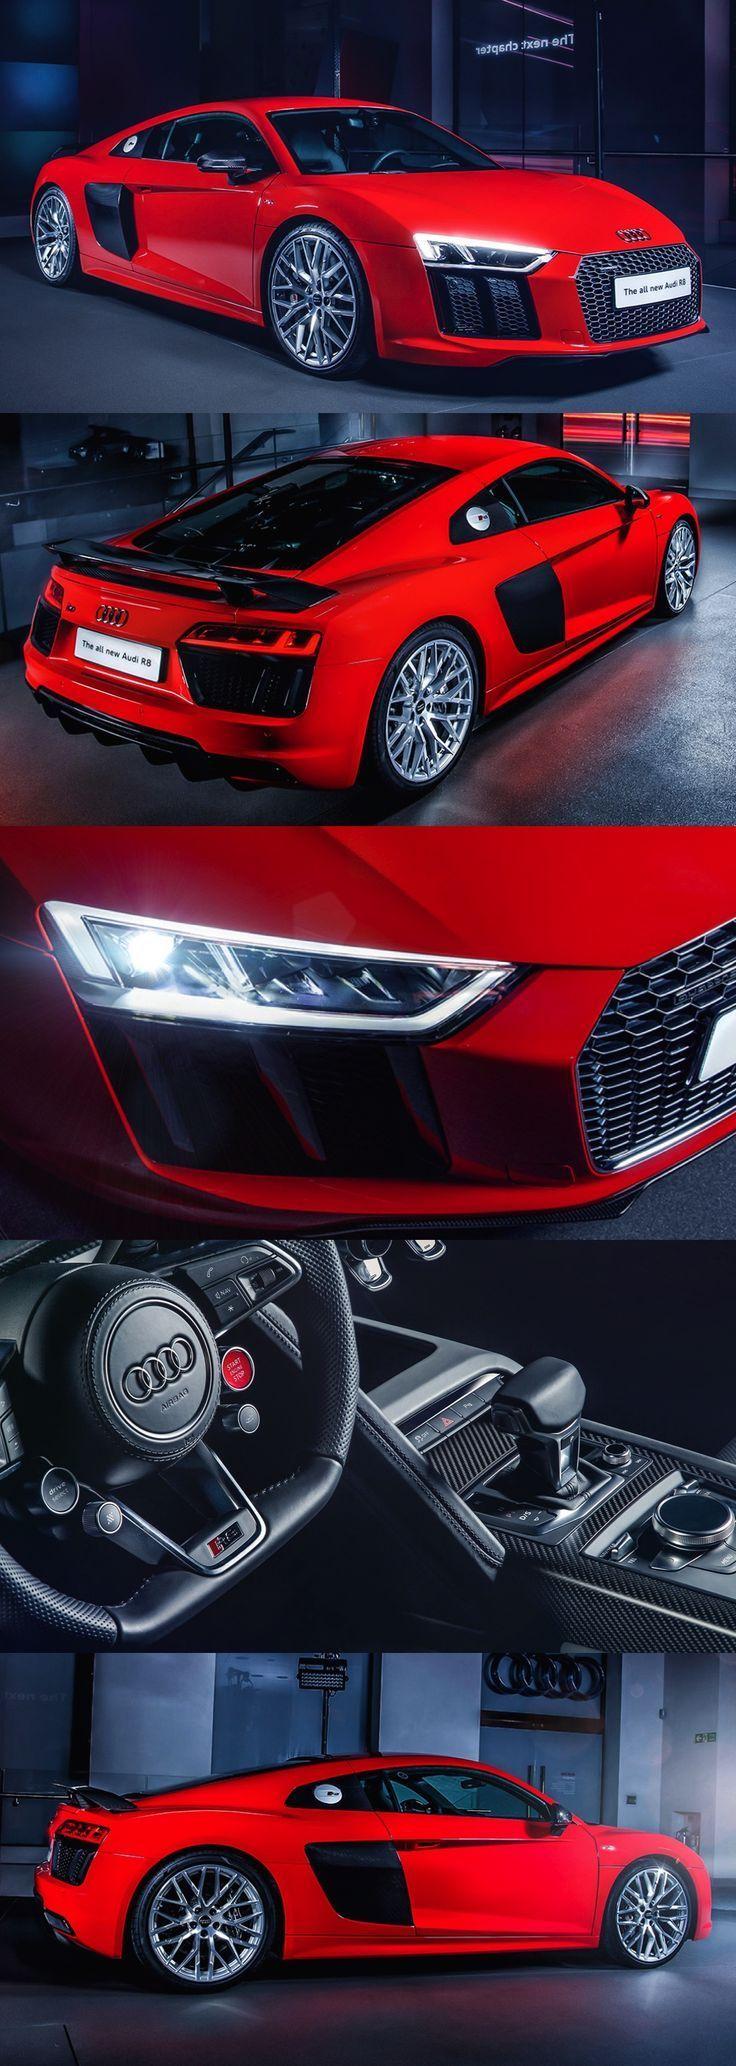 Audi R8 V10 plus - 0-62 Meilen pro Stunde in 3,2 Sekunden, 0-124 Meilen pro Stunde in 9,9…  - Sportwagen - #Audi #Meilen #Pro #R8 #Sekunden #Sportwagen #Stunde #V10 #audir8